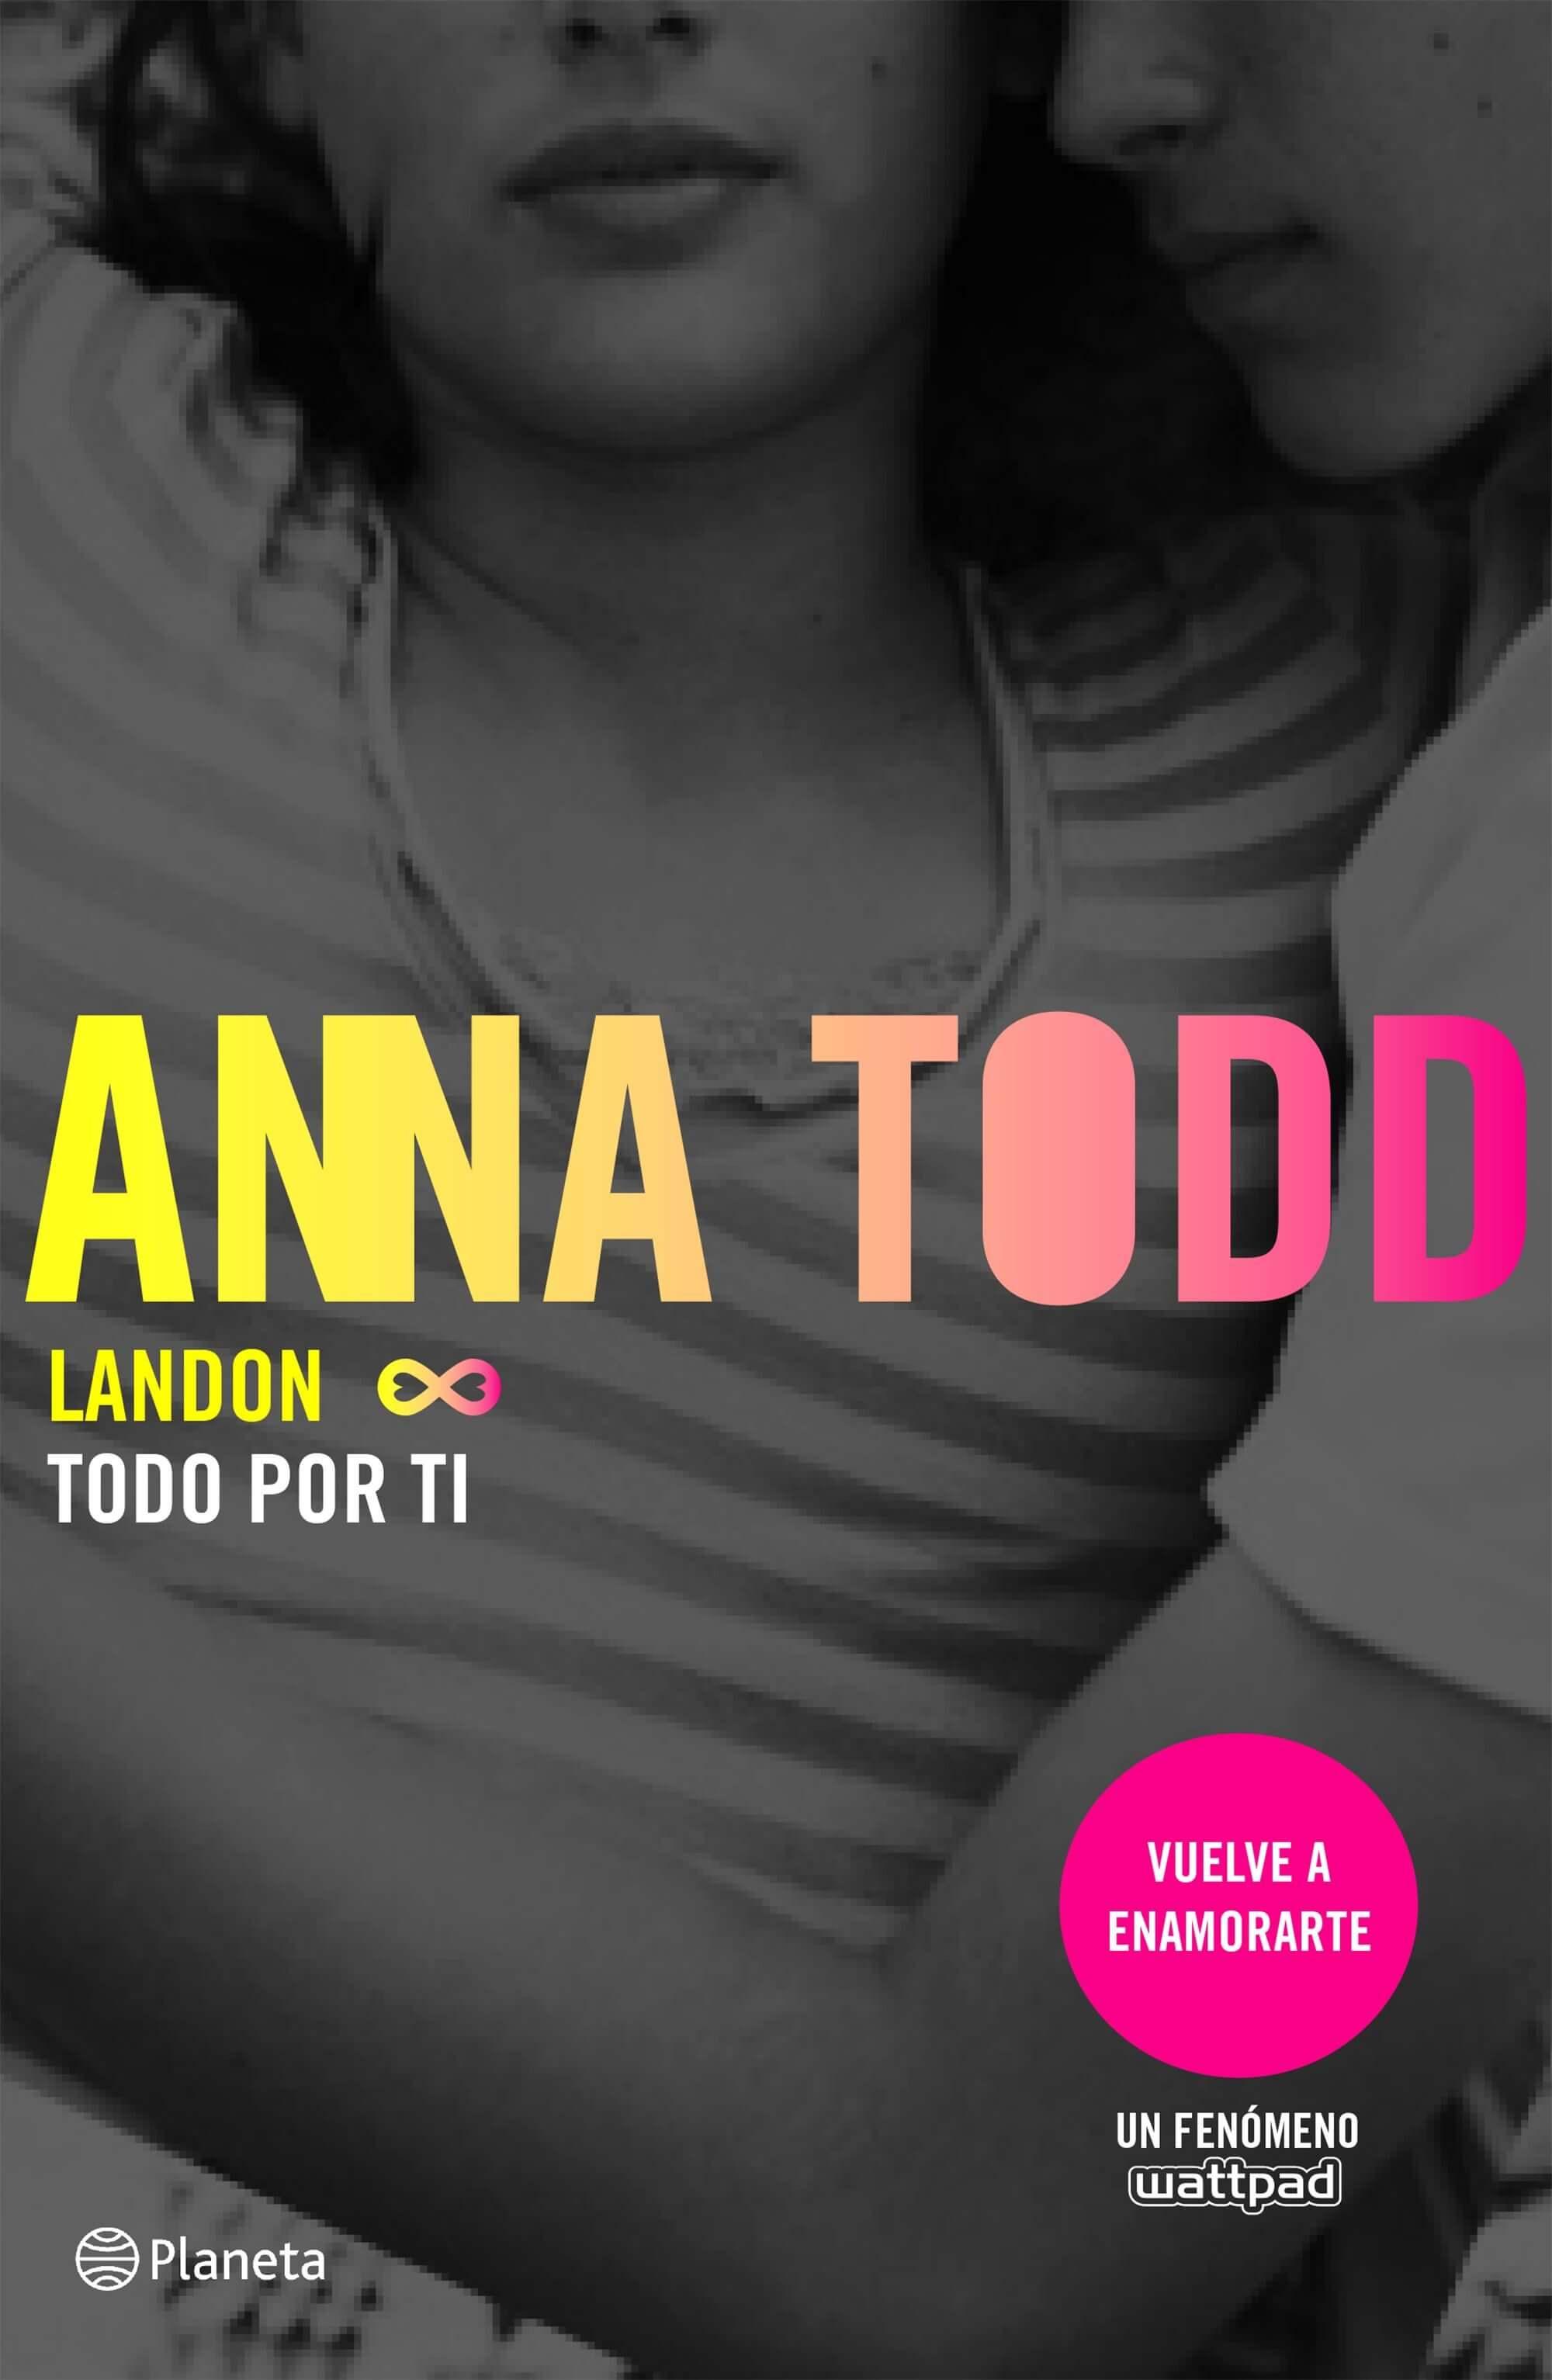 Landon todo por ti de Anna Todd